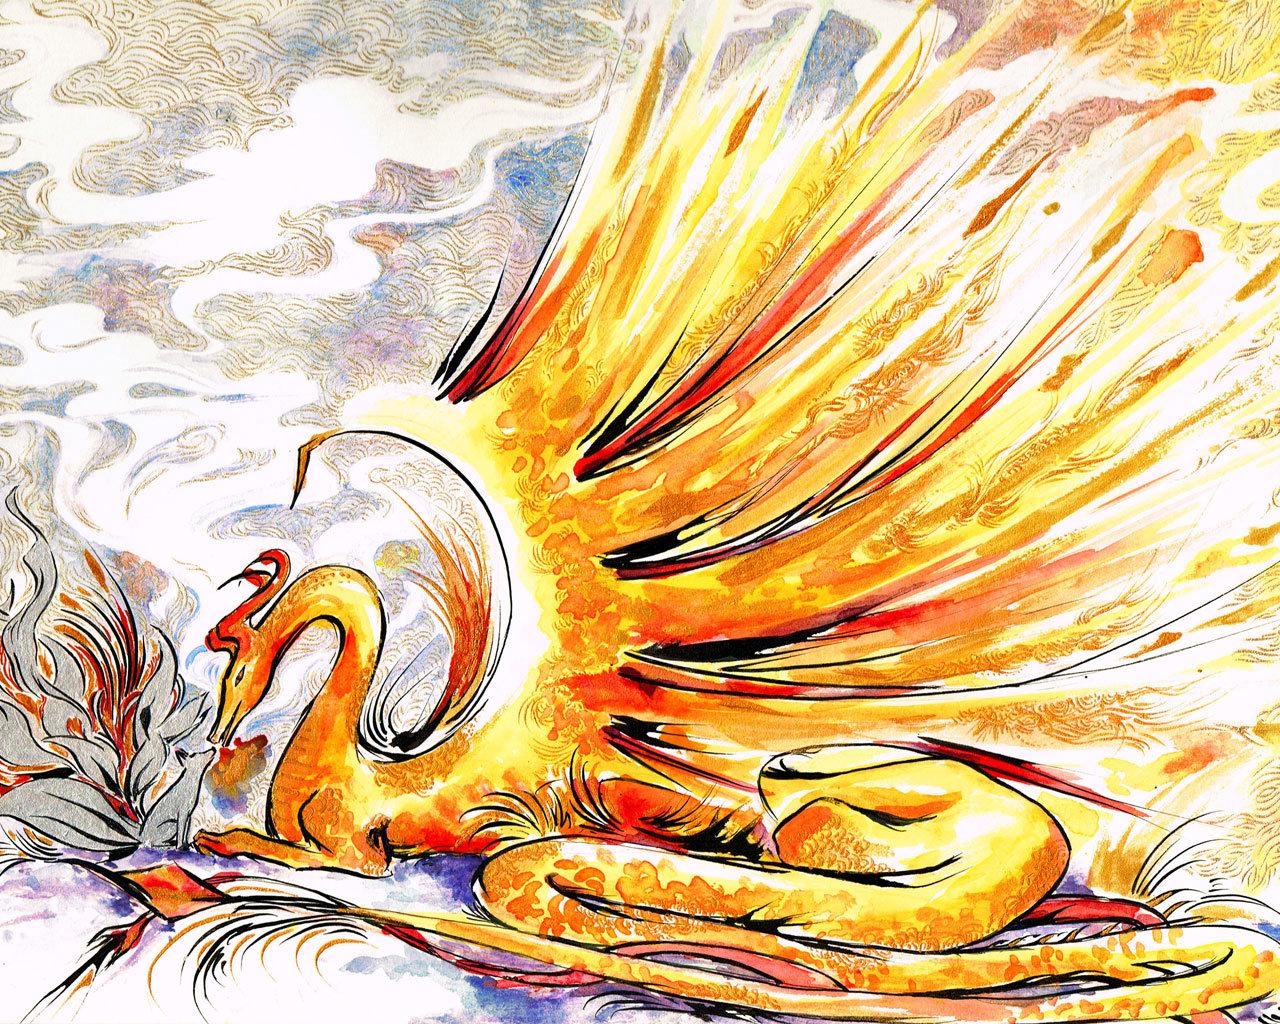 M sereno wp dragon12801024